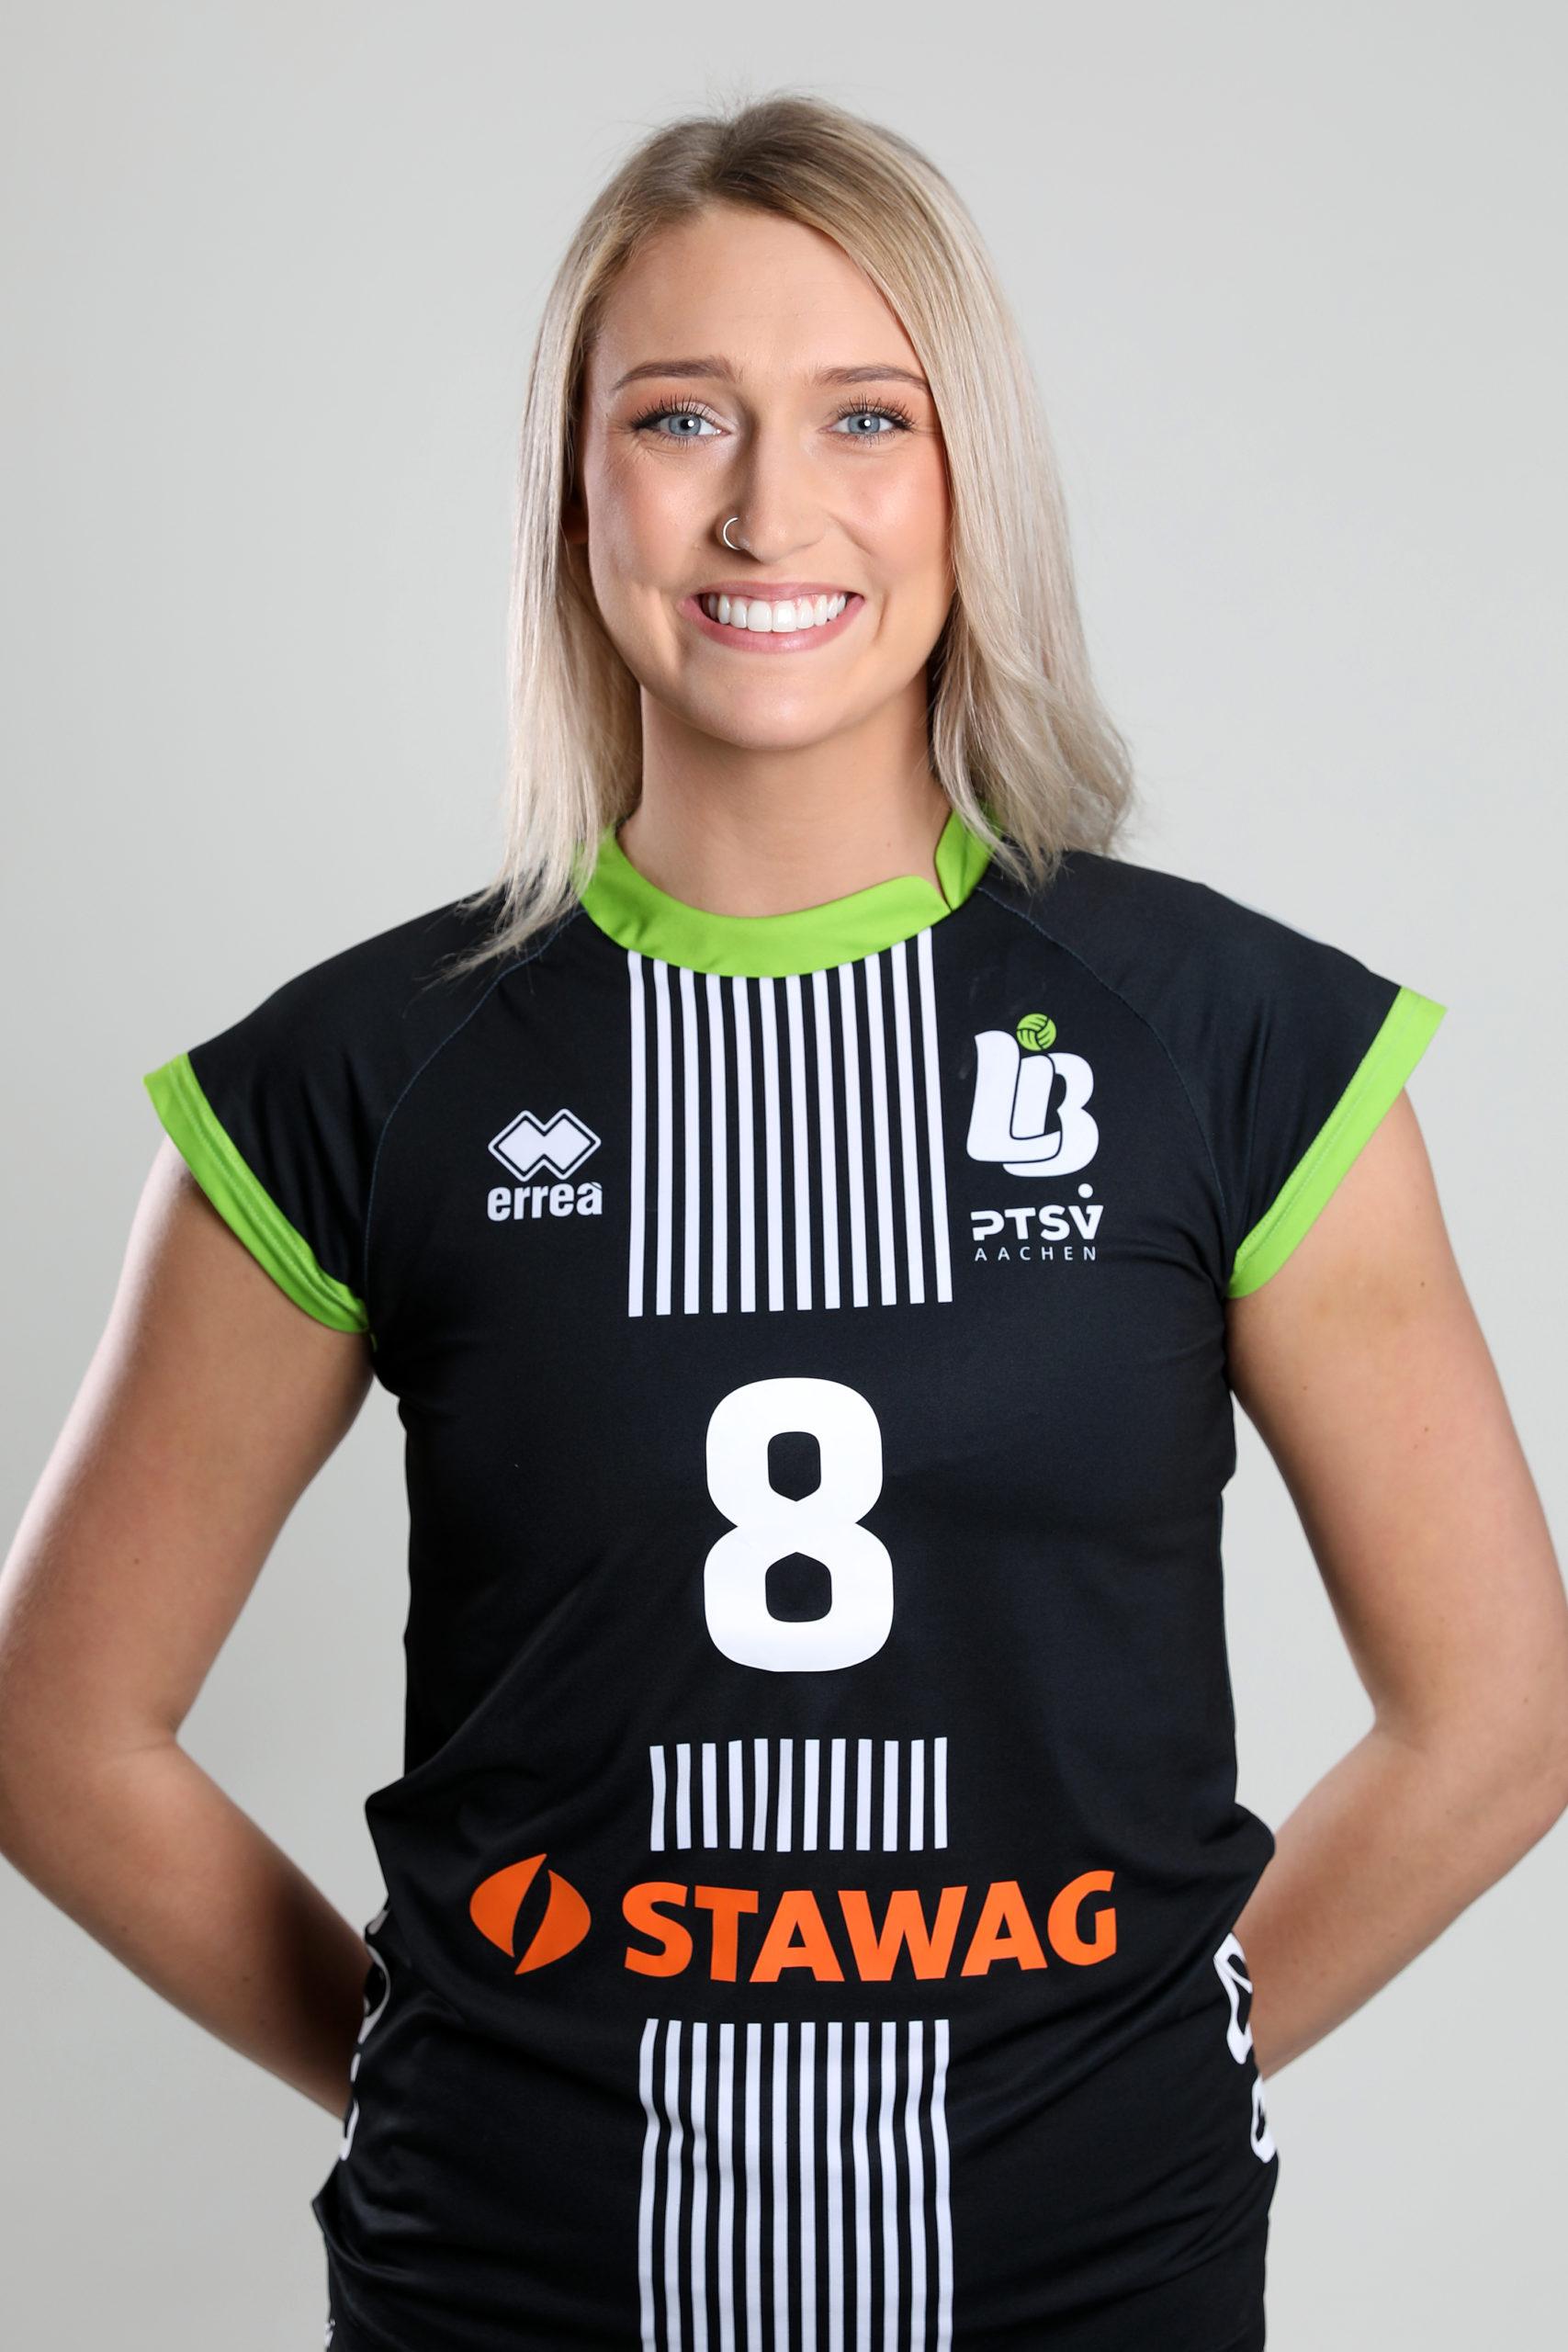 Madison Farrell